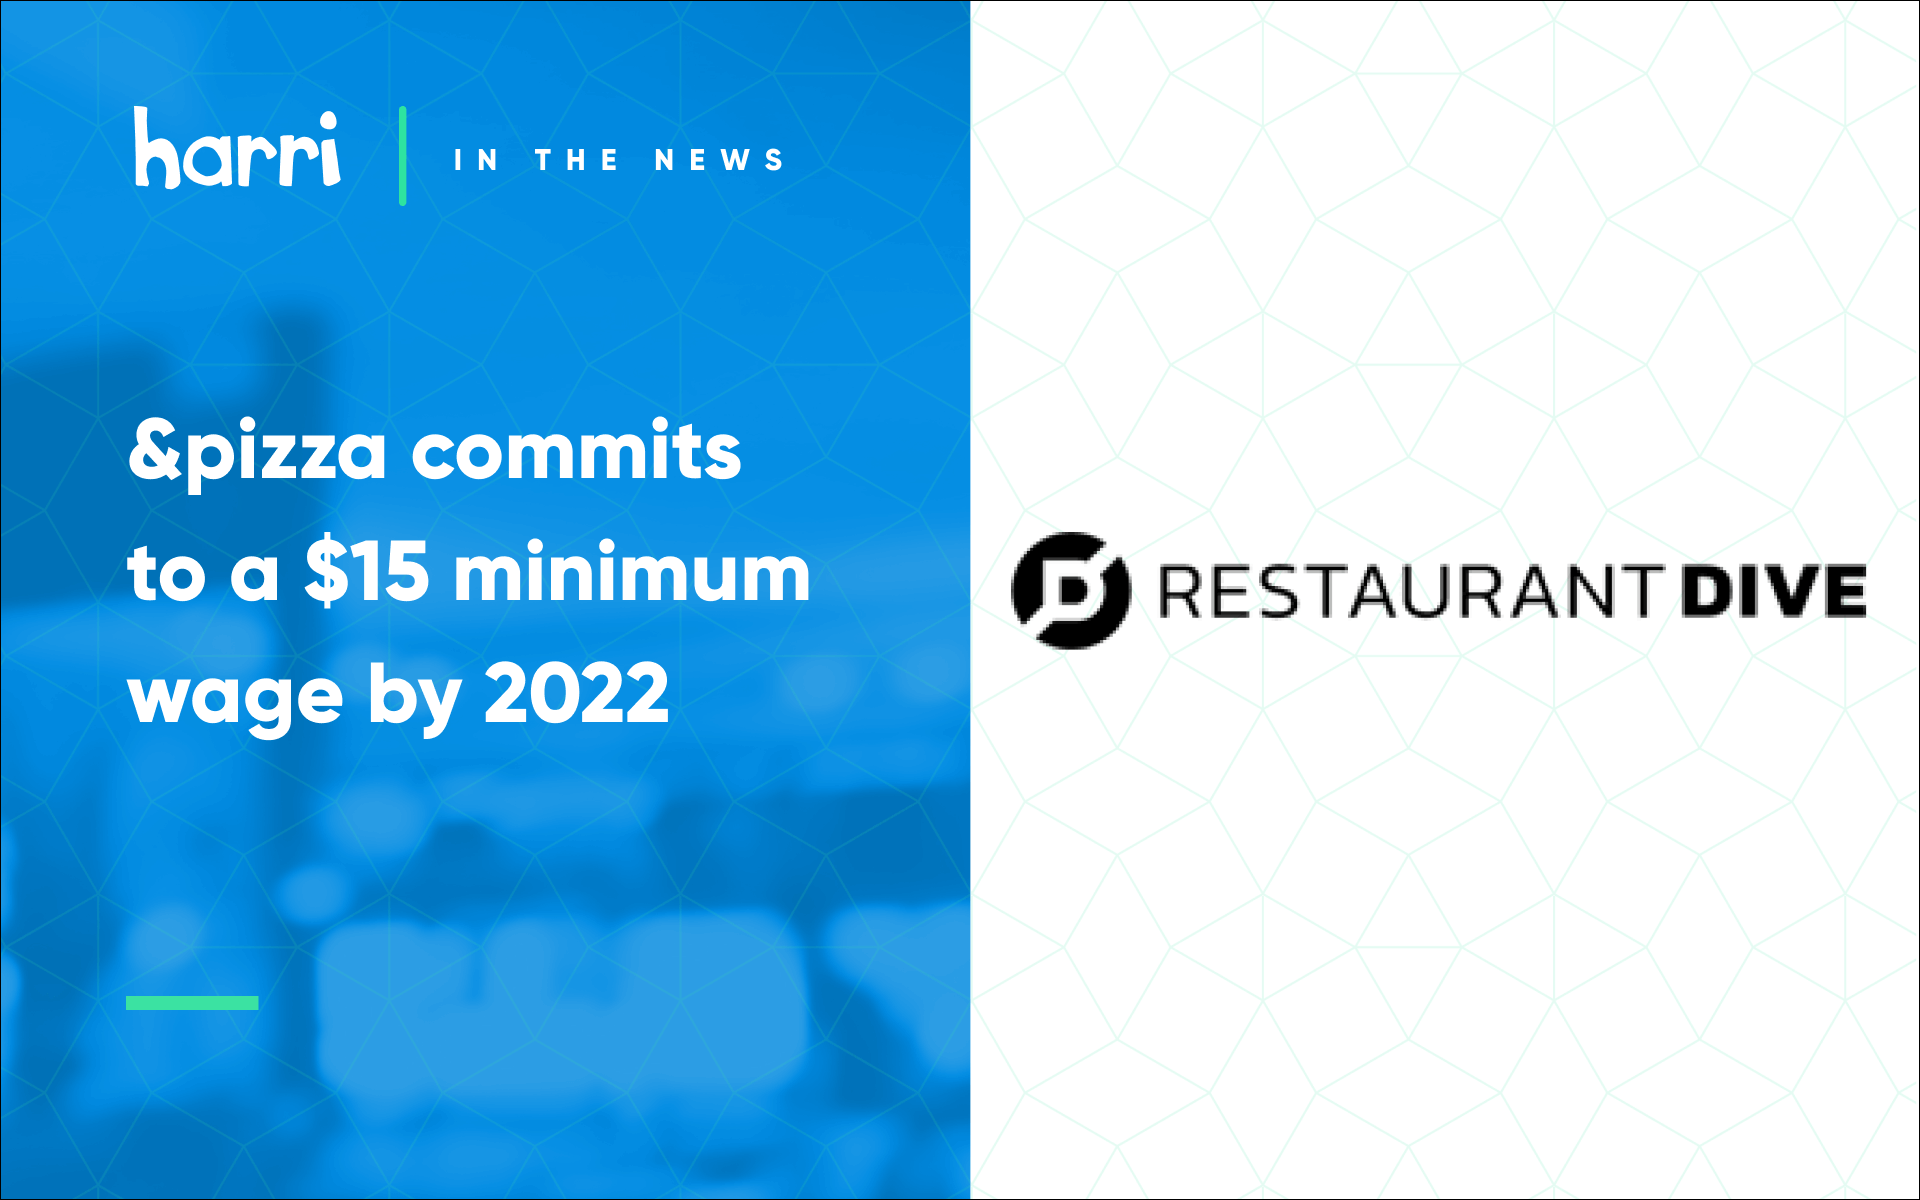 restaurants react to a $15/hr minimum wage